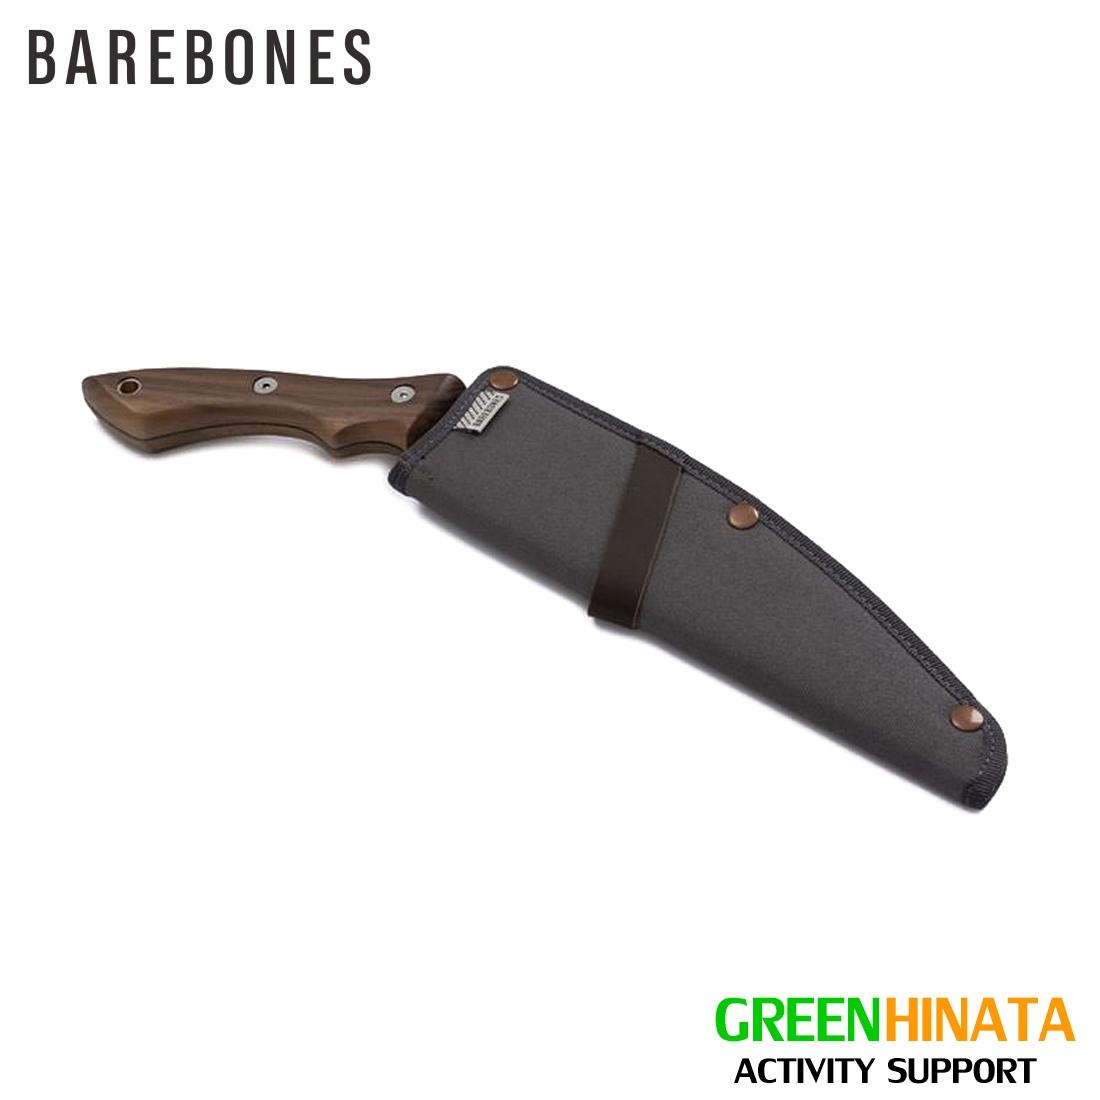 正規品 BarebonesLiving 送料無料 国内正規品 ベアボーンズ リビング Saw のこぎり Timber 公式サイト Barebones ティンバーソー 往復送料無料